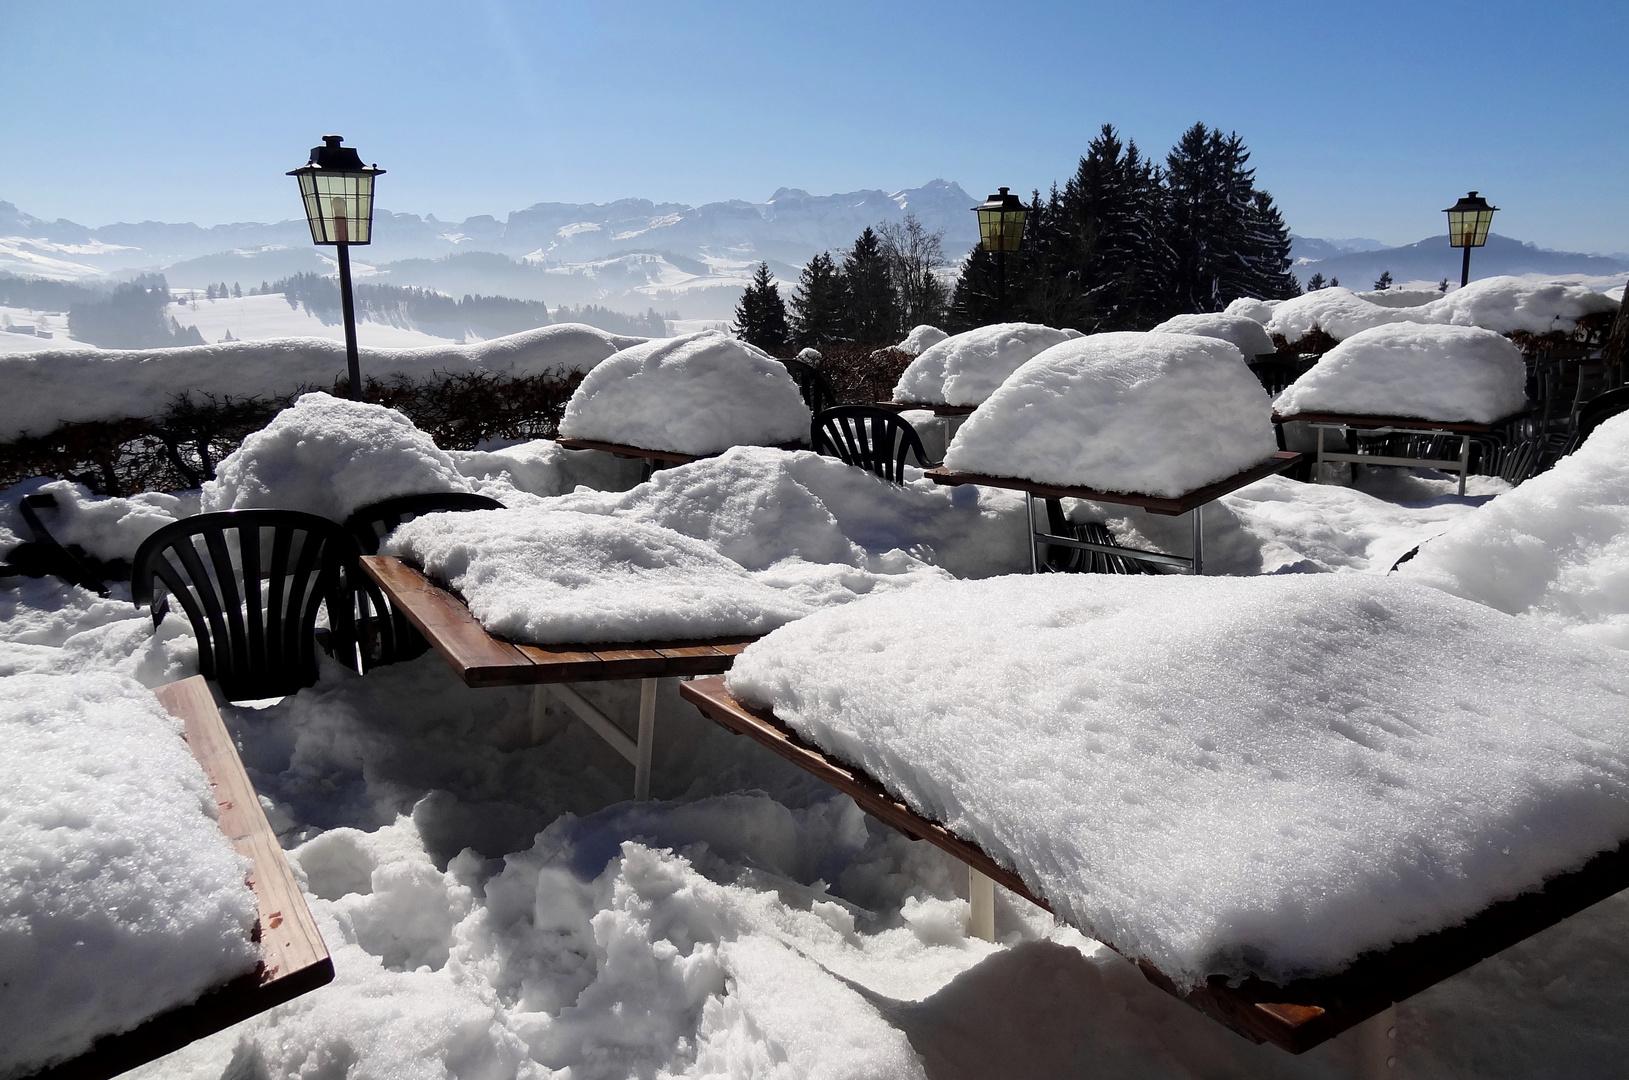 immer noch so viel Schnee...